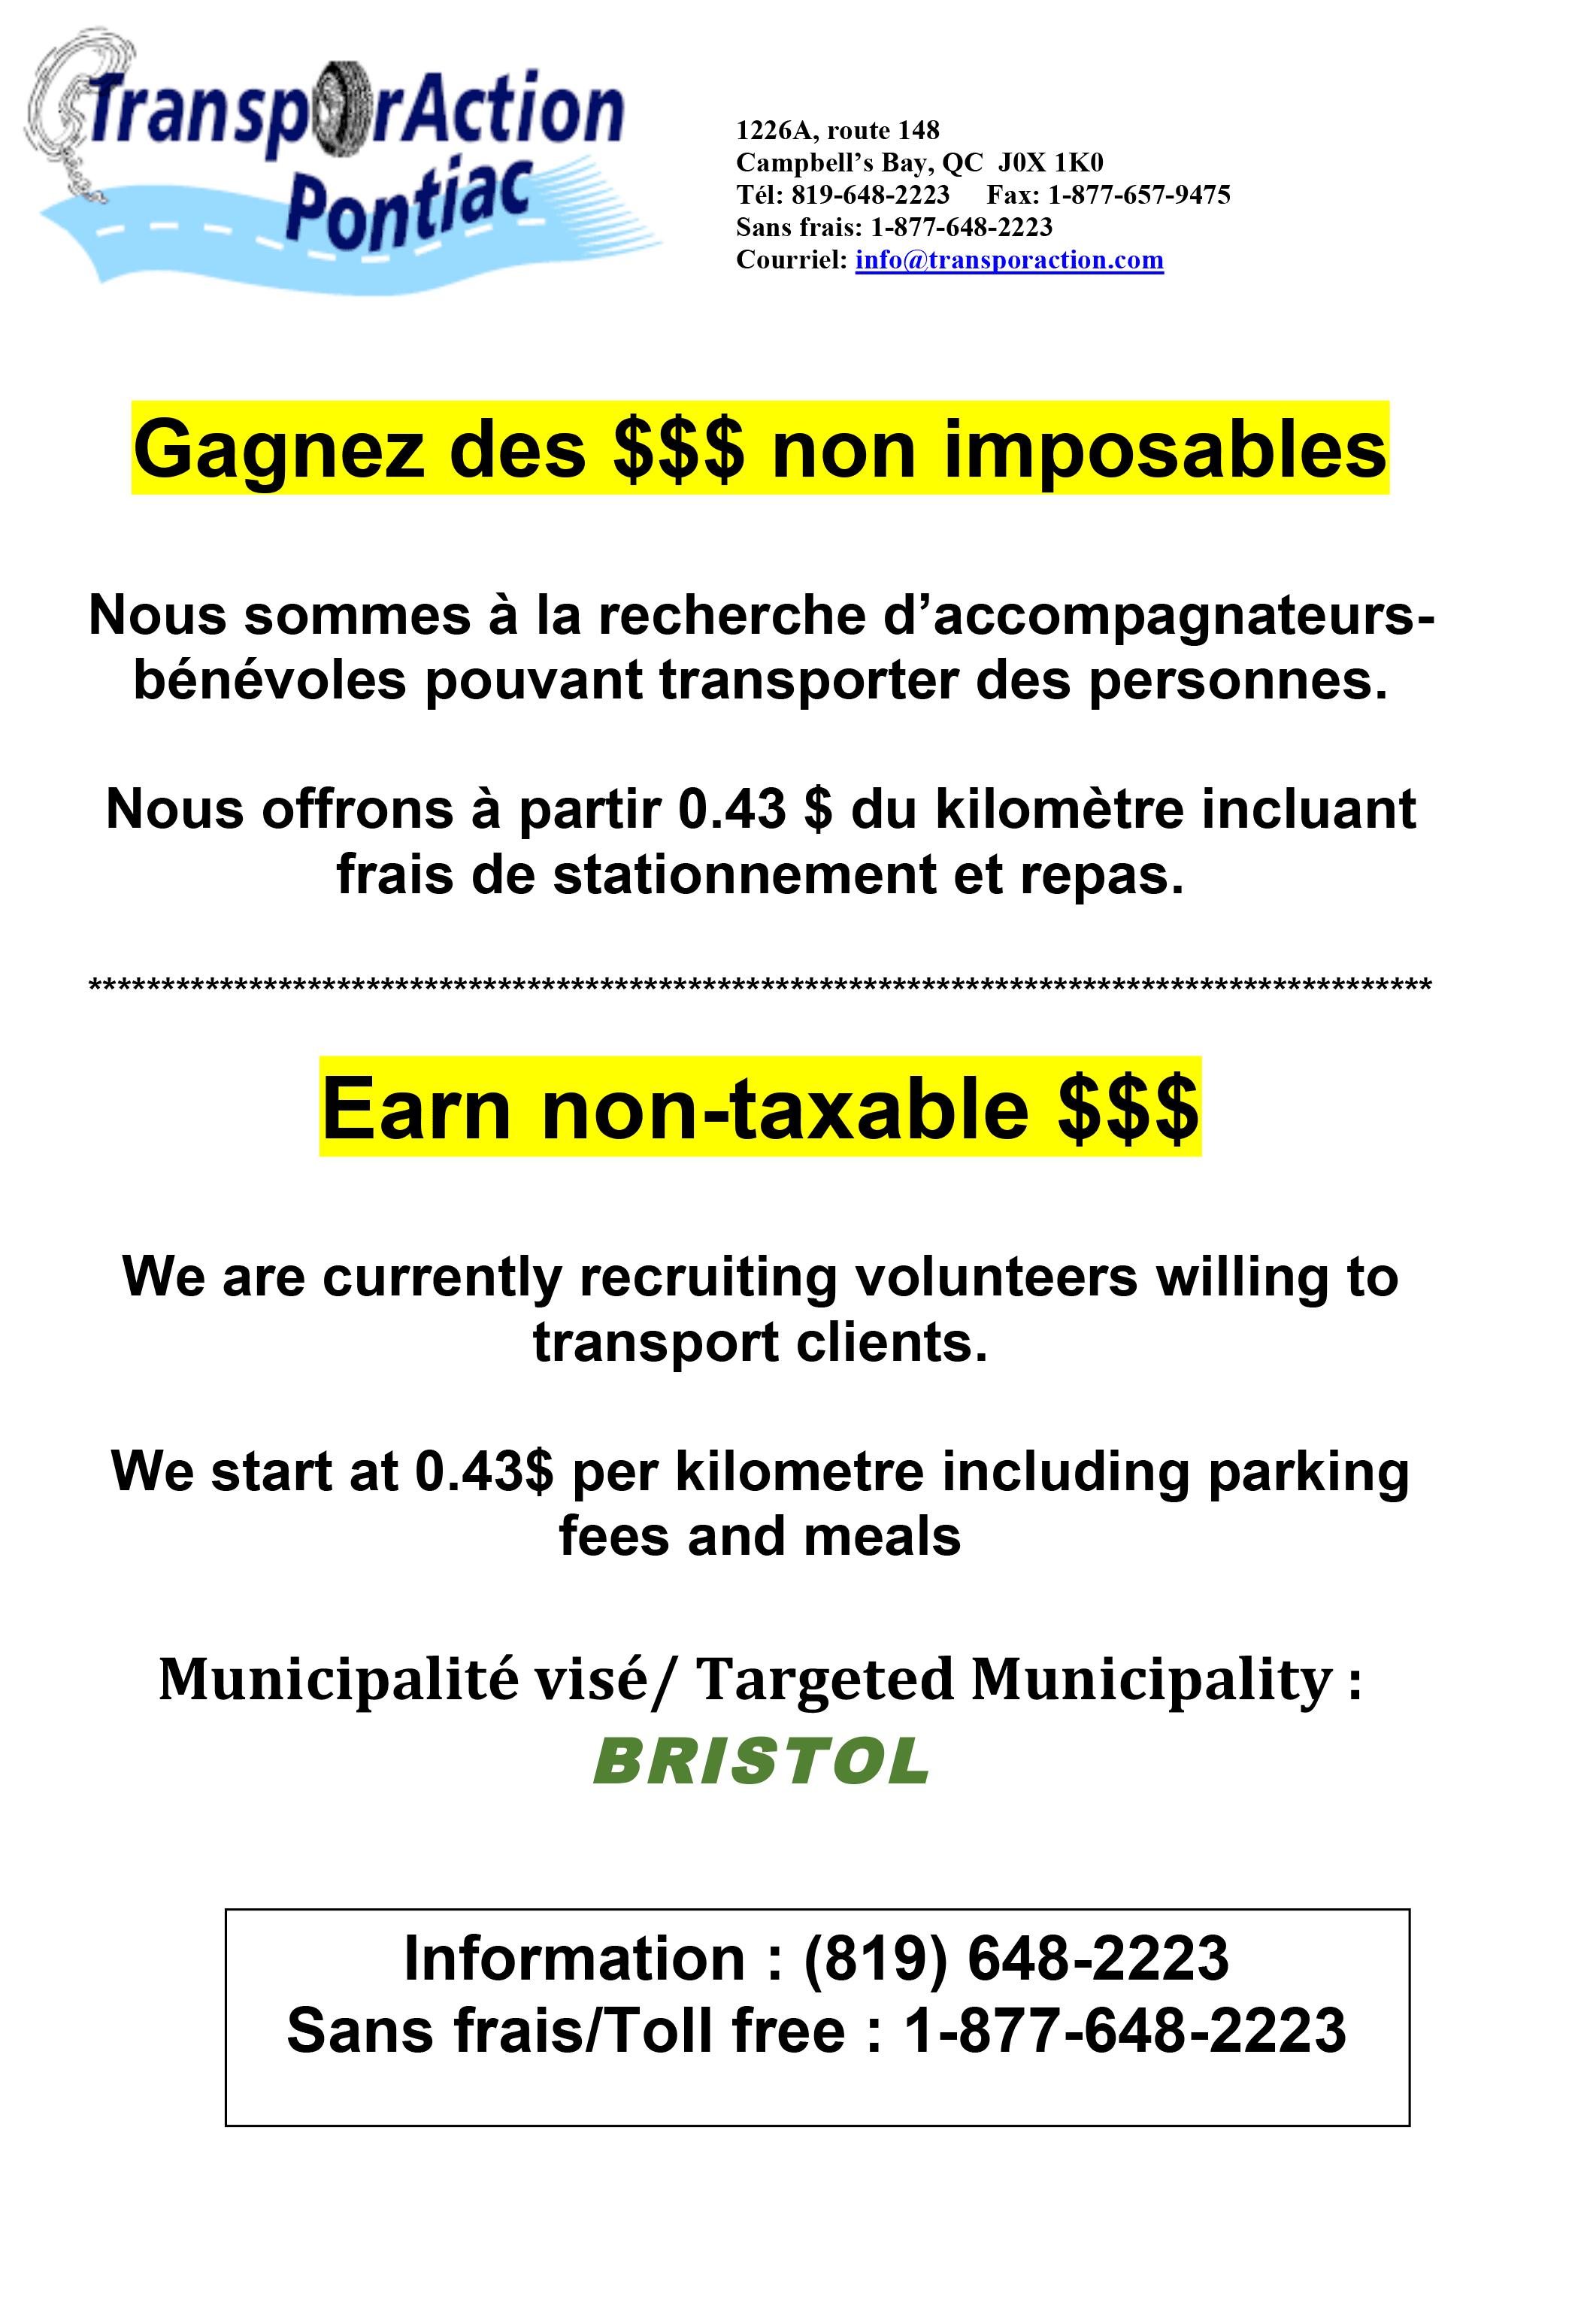 Recrutement-bénévole-MUNICIPALITÉ-BRISTOL